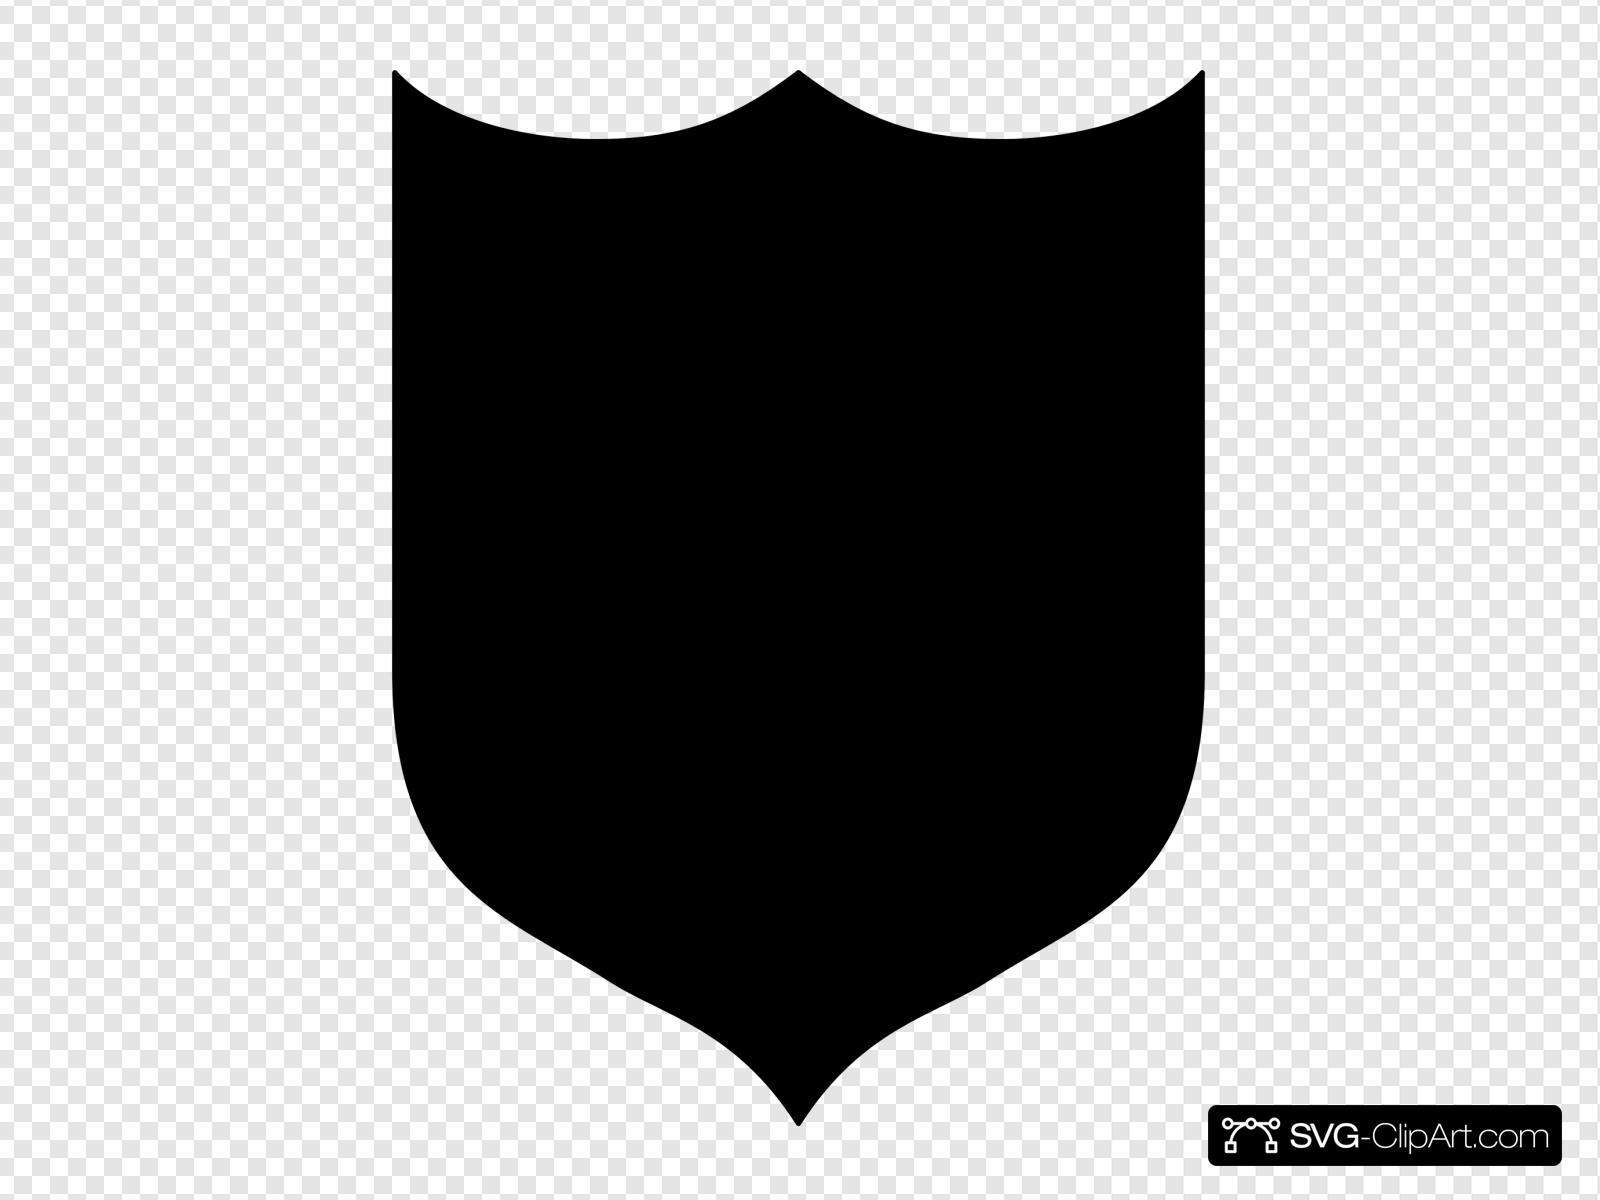 Black shield clipart clip download Black Shield Clip art, Icon and SVG - SVG Clipart clip download